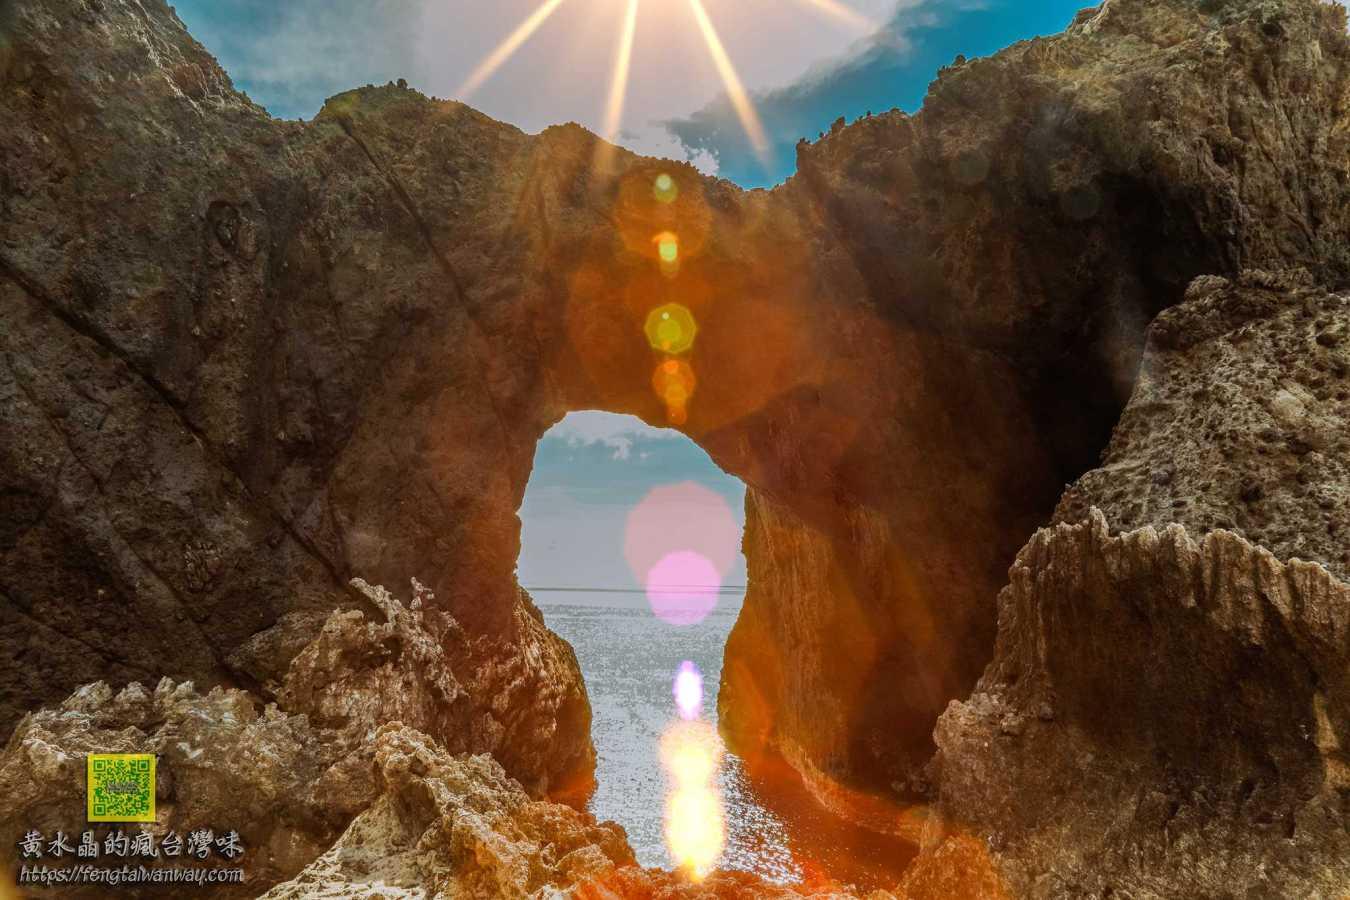 情人洞【蘭嶼景點】|東清部落必遊聽濤海蝕洞天然地形 @黃水晶的瘋台灣味